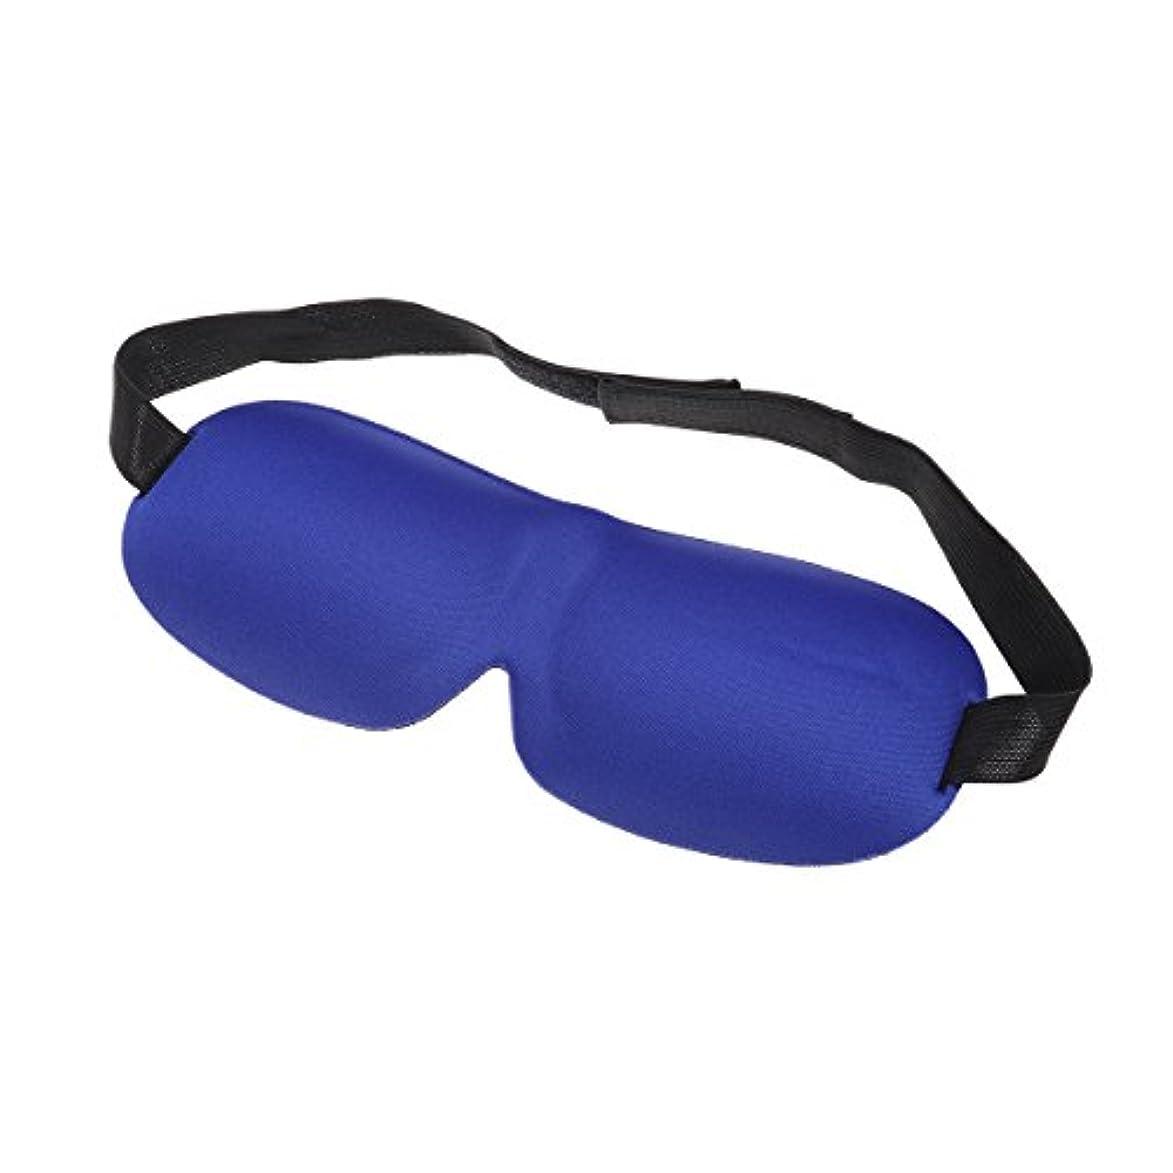 ダウンタウン推測引き渡すROSENICE アイマスク 遮光 睡眠 軽量 目隠し 圧迫感なし 調節可能 3D睡眠マスク(ブルー)